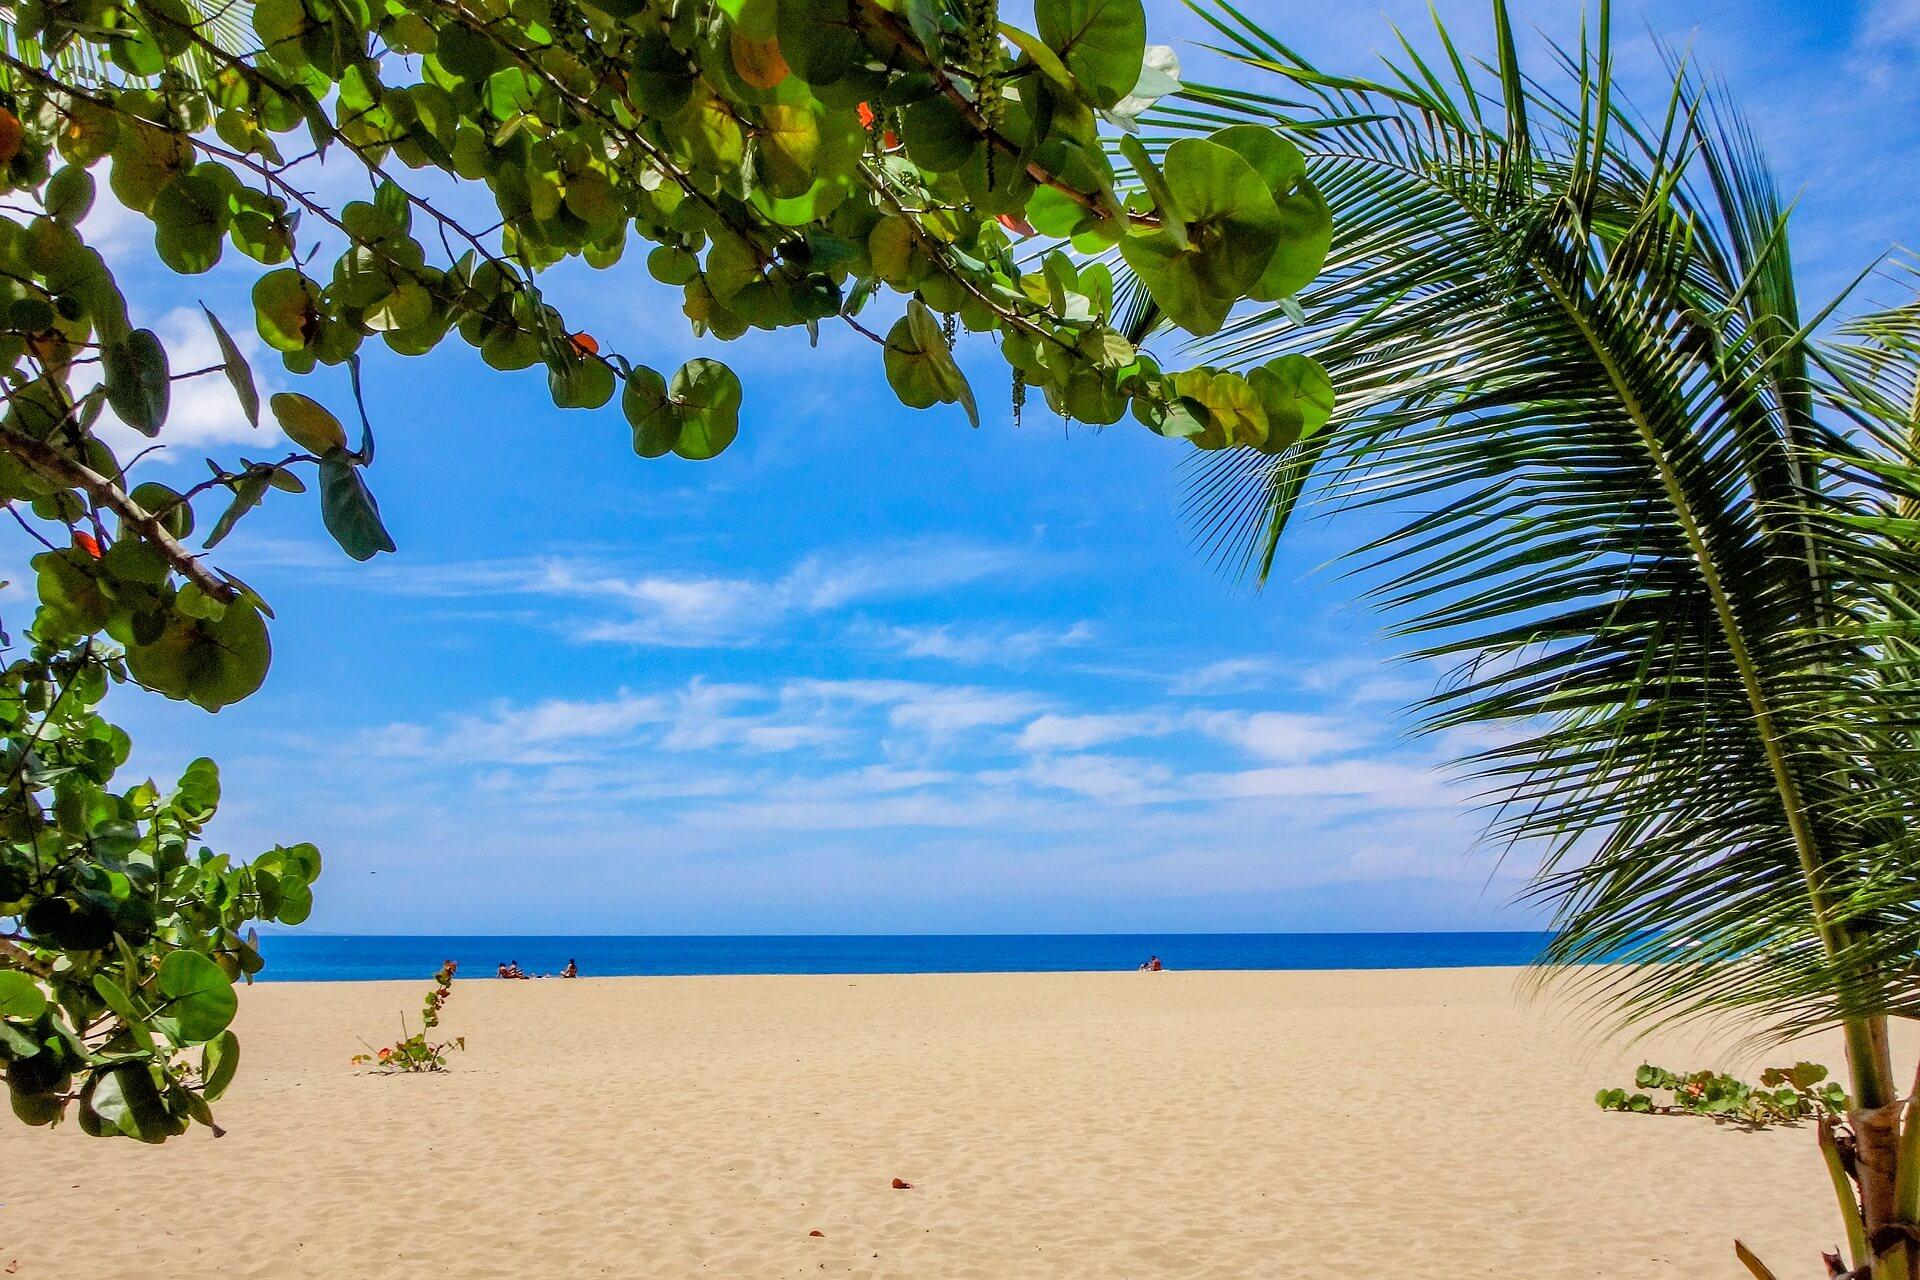 beach-2485882_1920 (3)